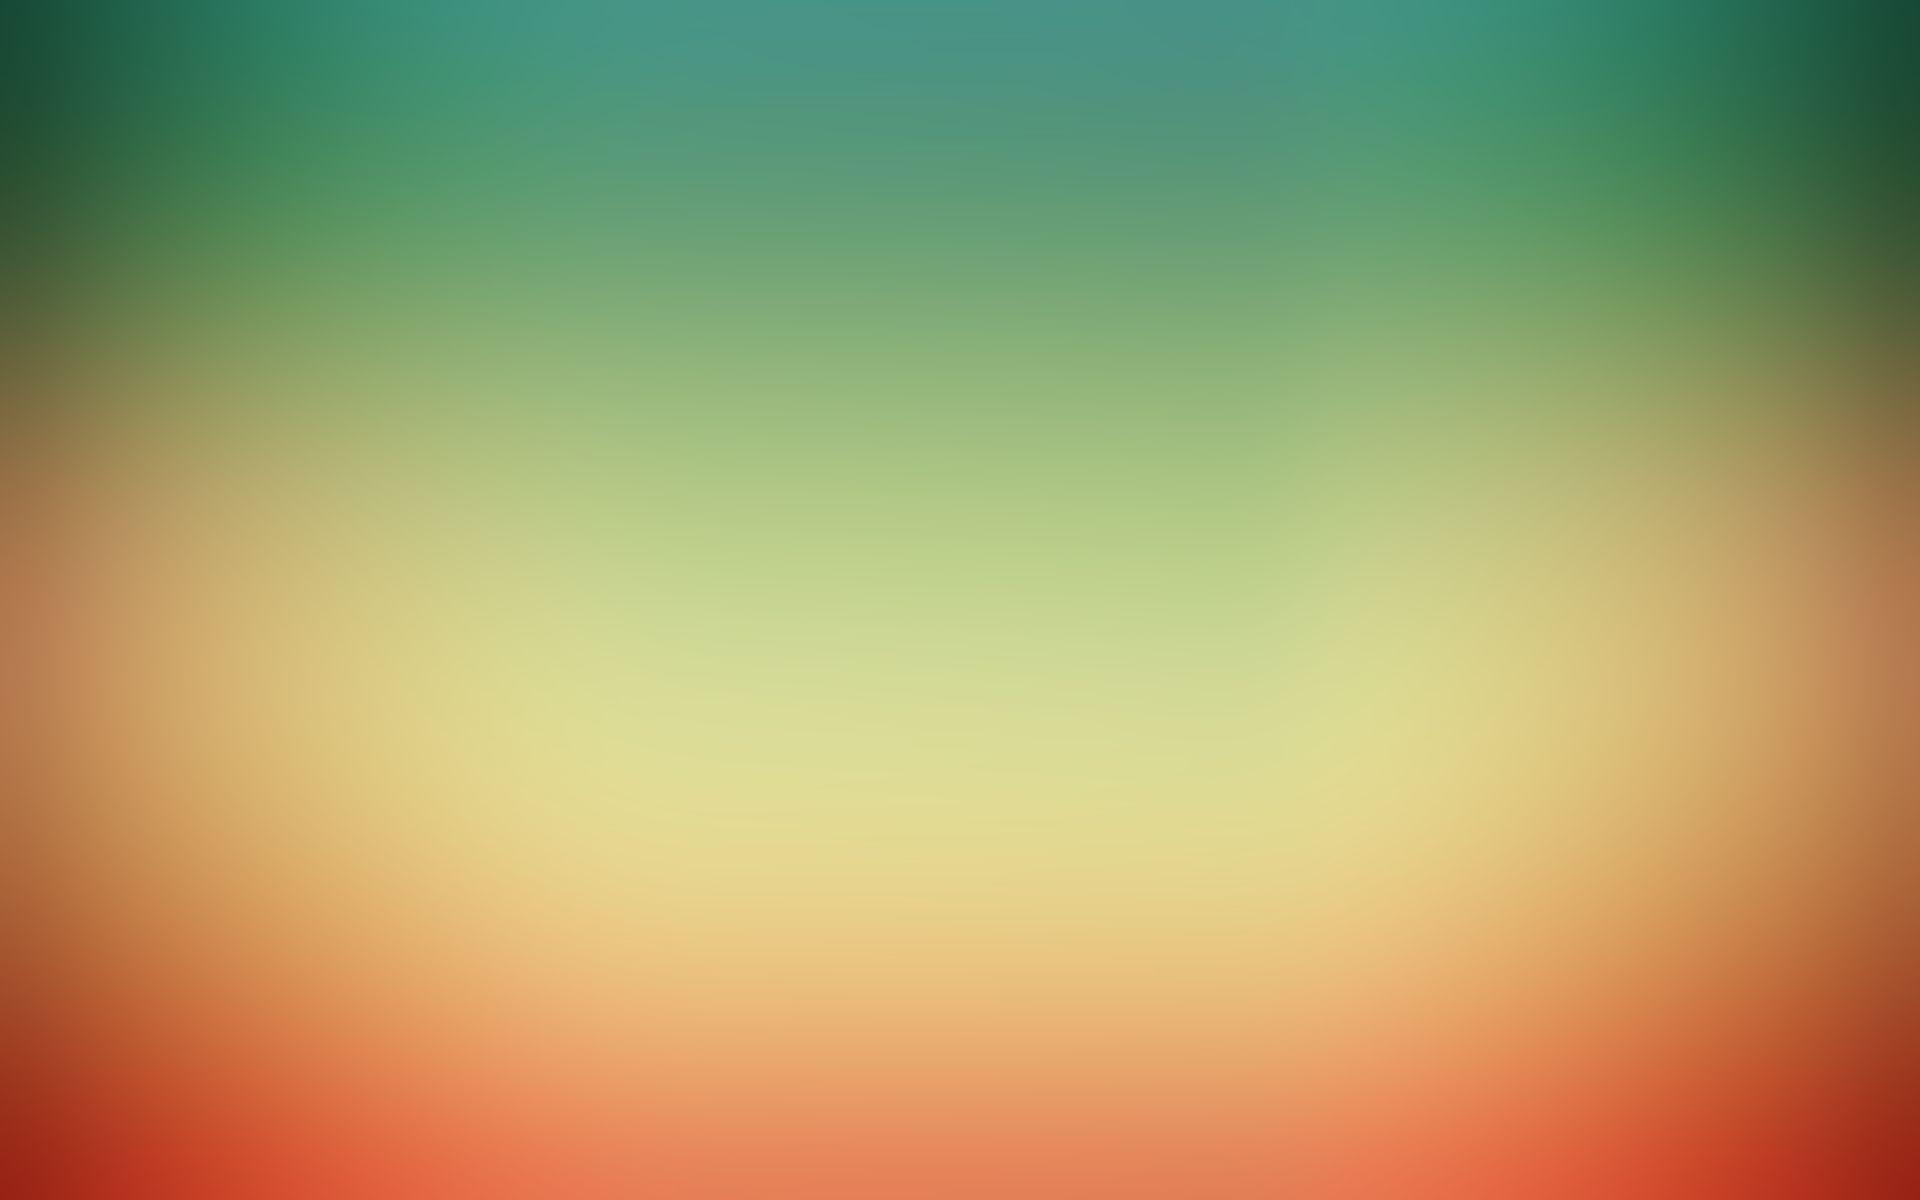 Blank Desktop Wallpaper - WallpaperSafari